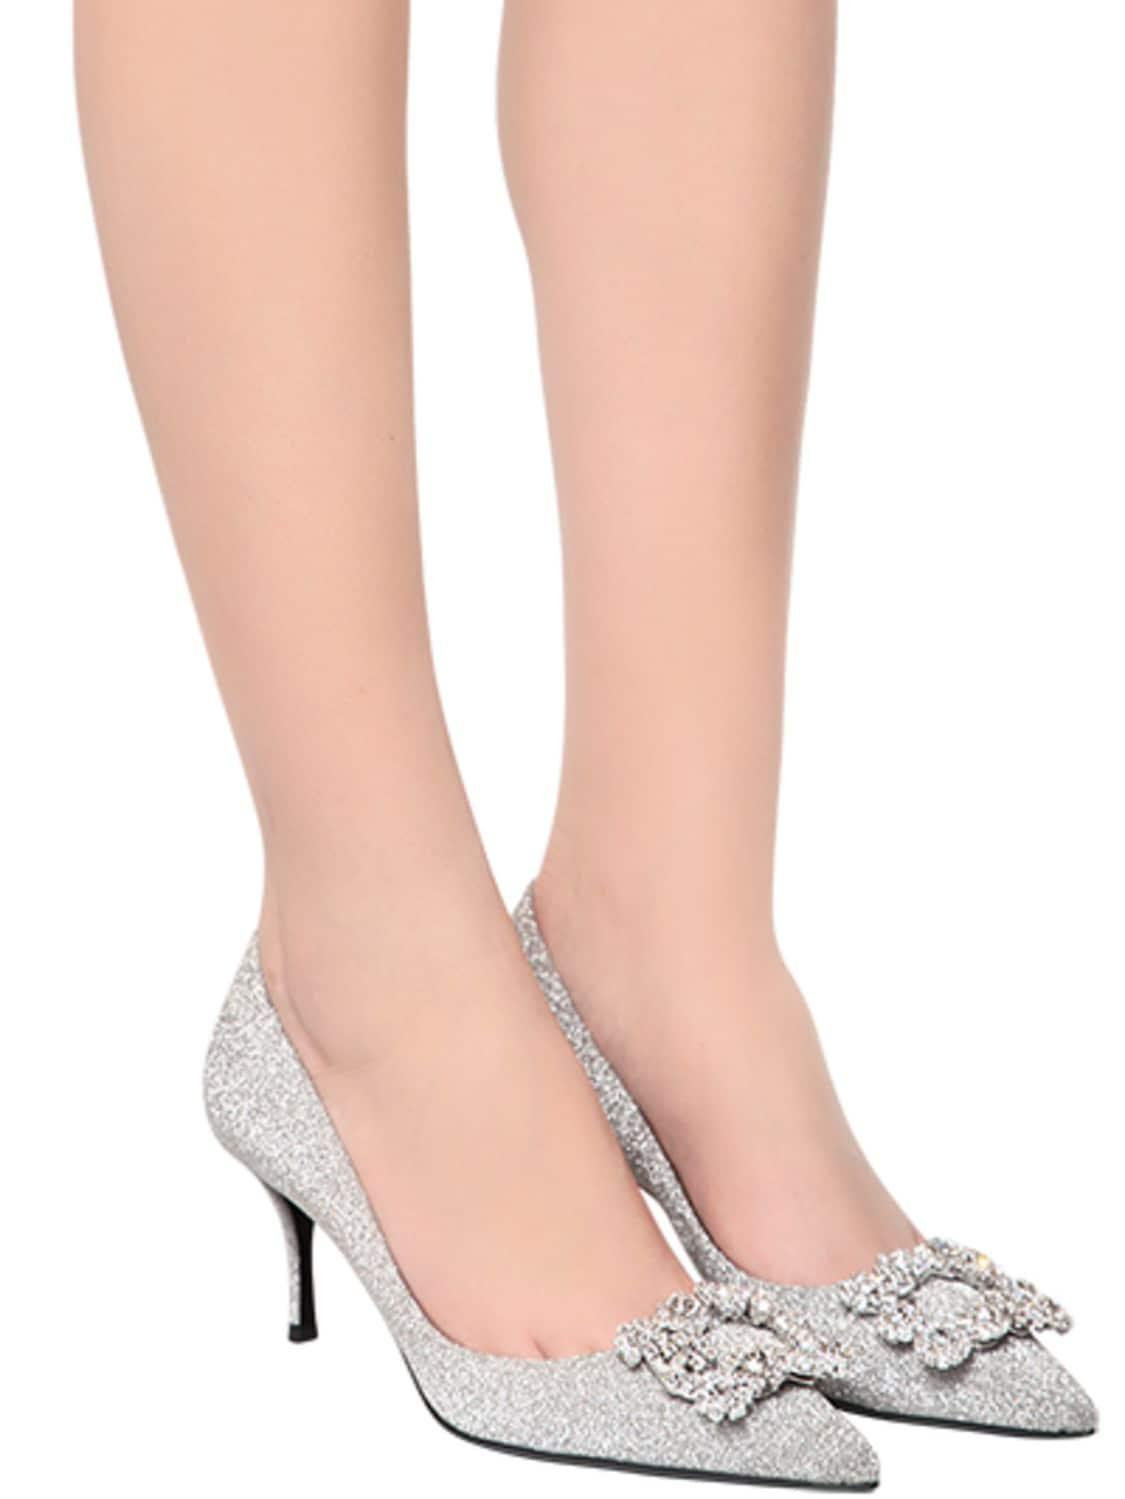 Zapatos Pumps Glitter Con Flor 65Mm Roger Vivier de color Metálico